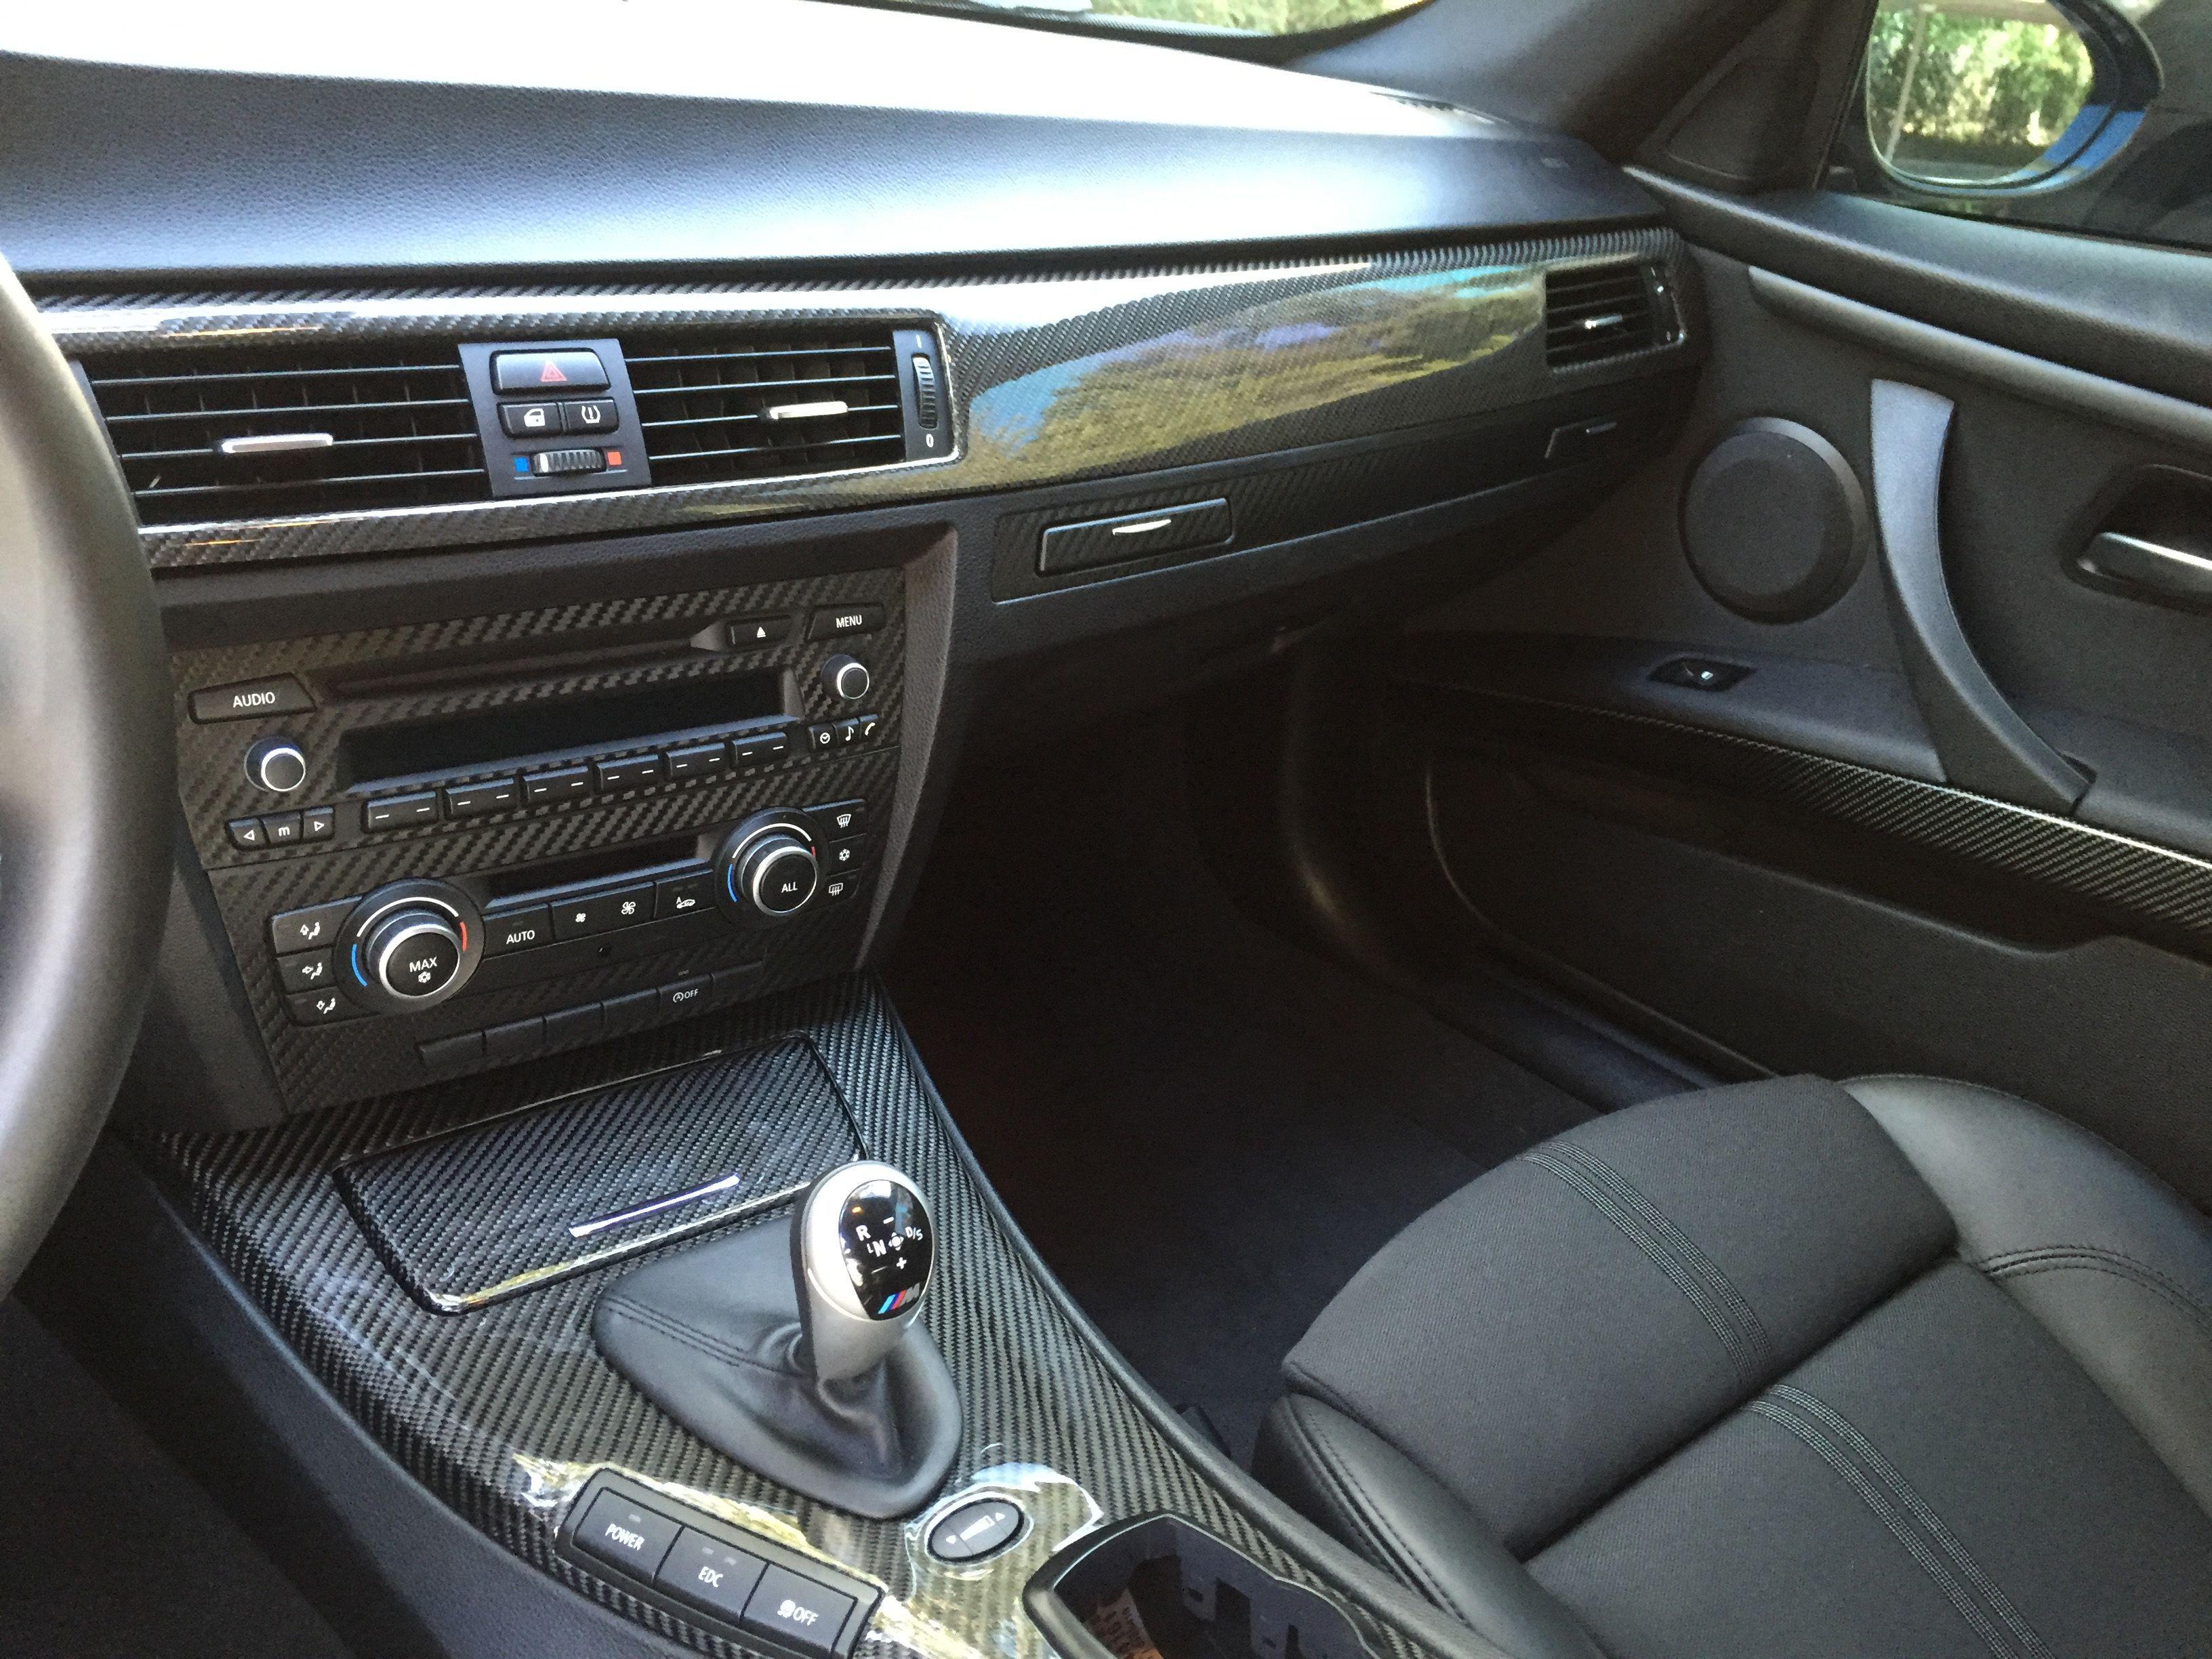 Carbon Fiber Interior Trim Kit On A Bmw E92 M3 Carbon Fiber